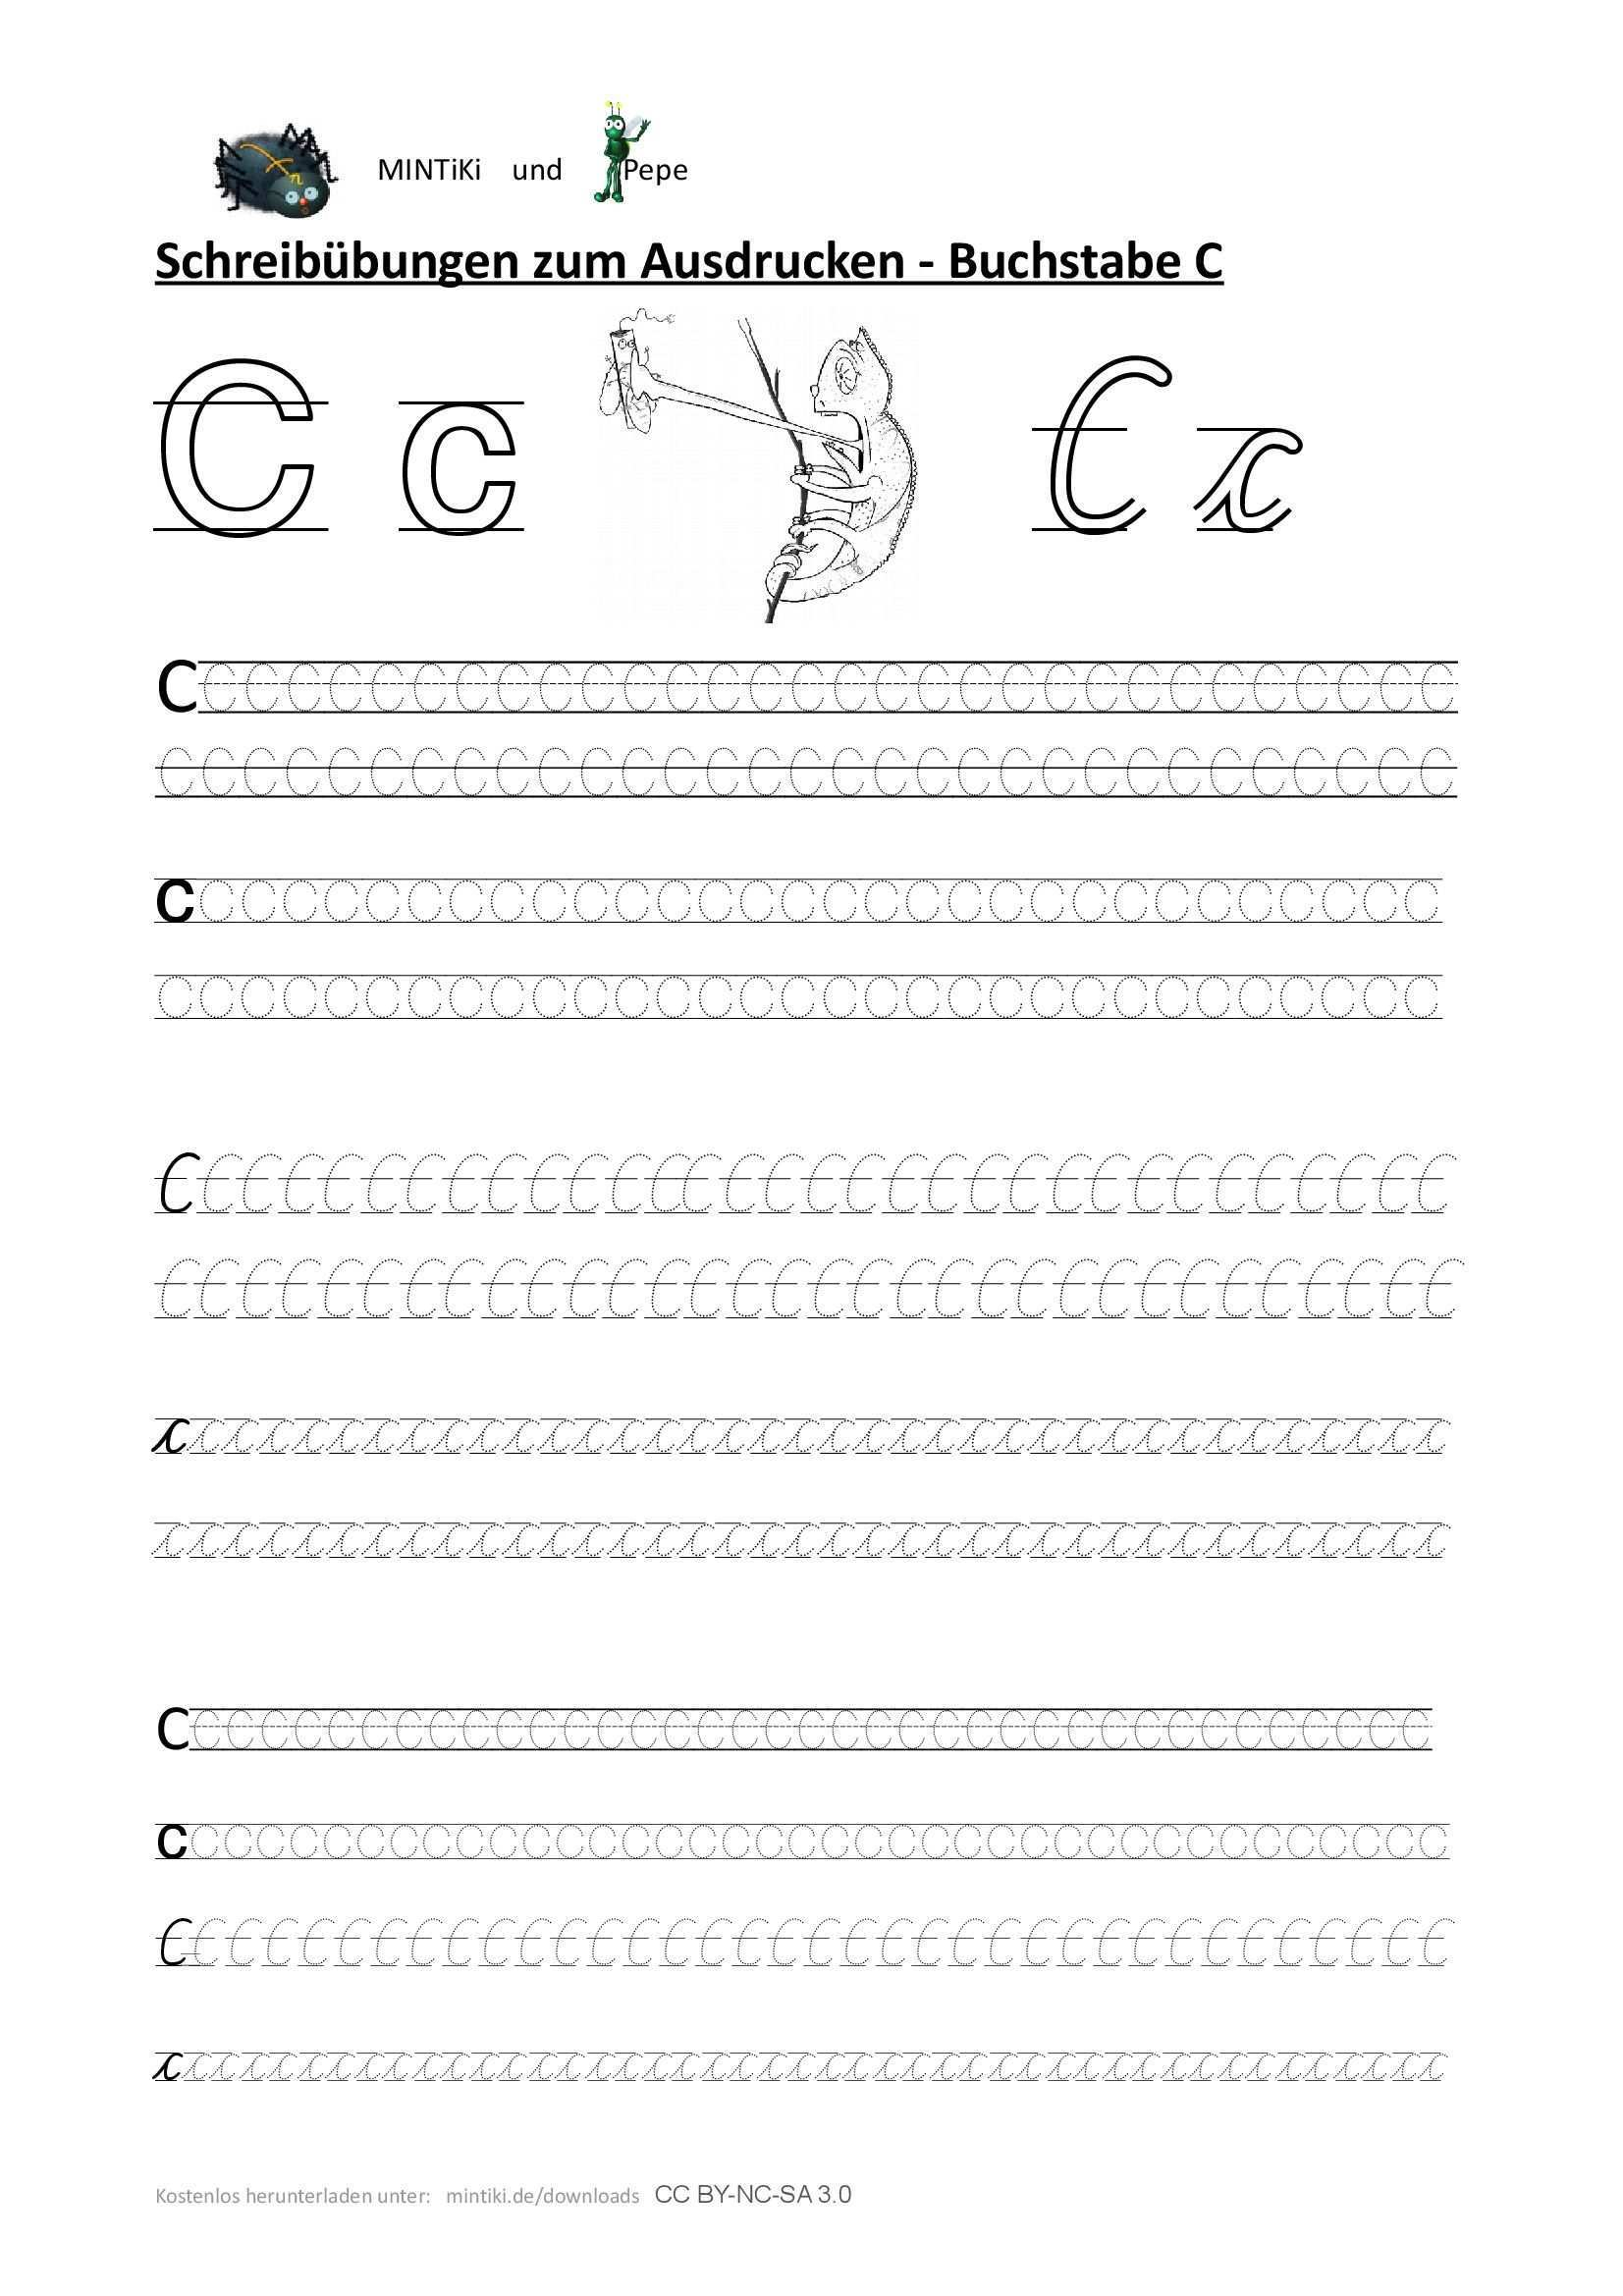 Schreibubung Buchstabe C Druckbuchstaben Schulausgangsschrift Sas Gepunktete Schrift Abc Erste Klasse Druckbuchstaben Schreibubungen Schreibschrift Uben